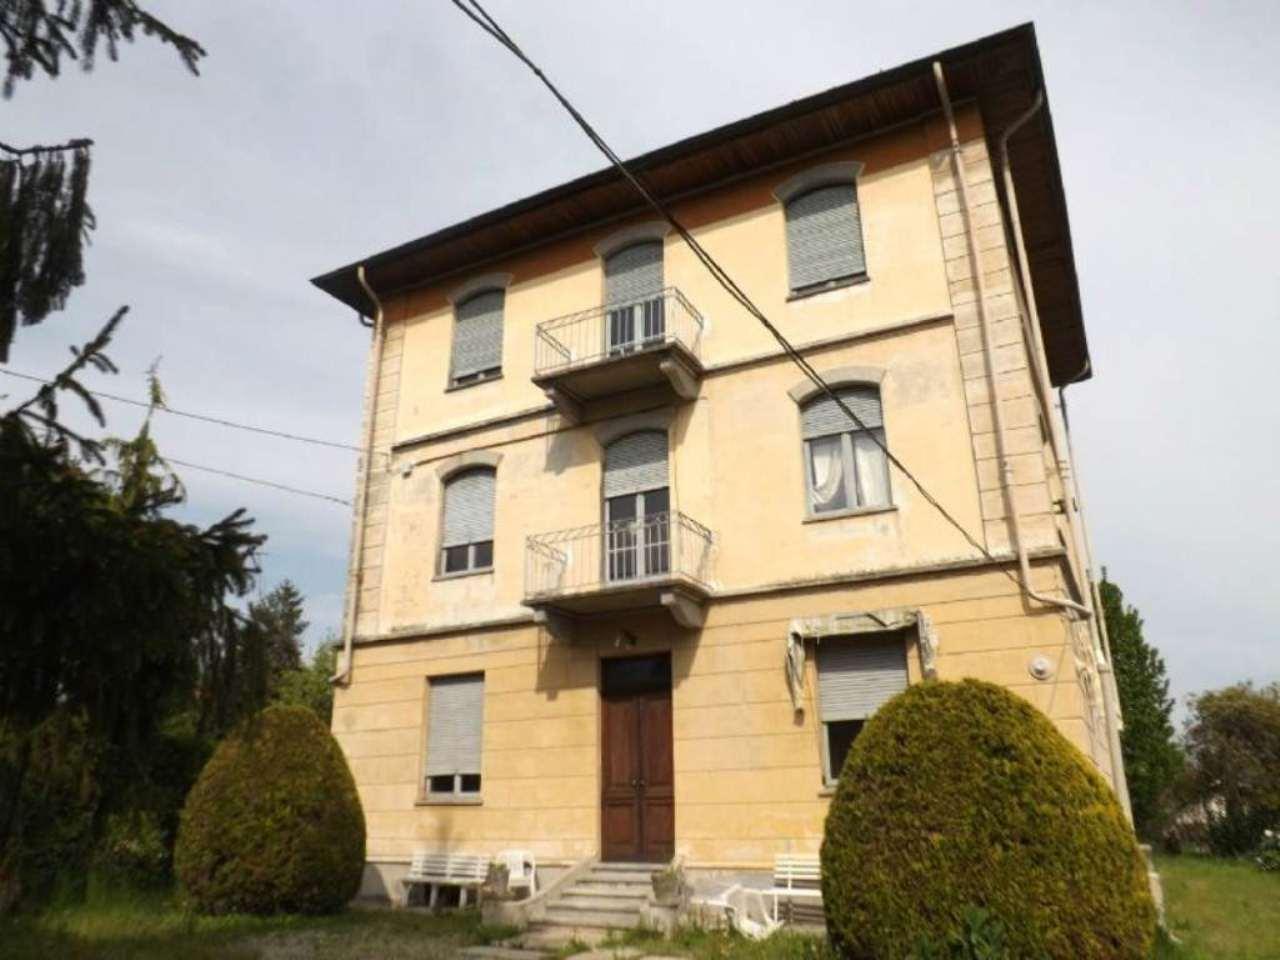 Soluzione Indipendente in vendita a Luserna San Giovanni, 15 locali, prezzo € 290.000 | Cambio Casa.it